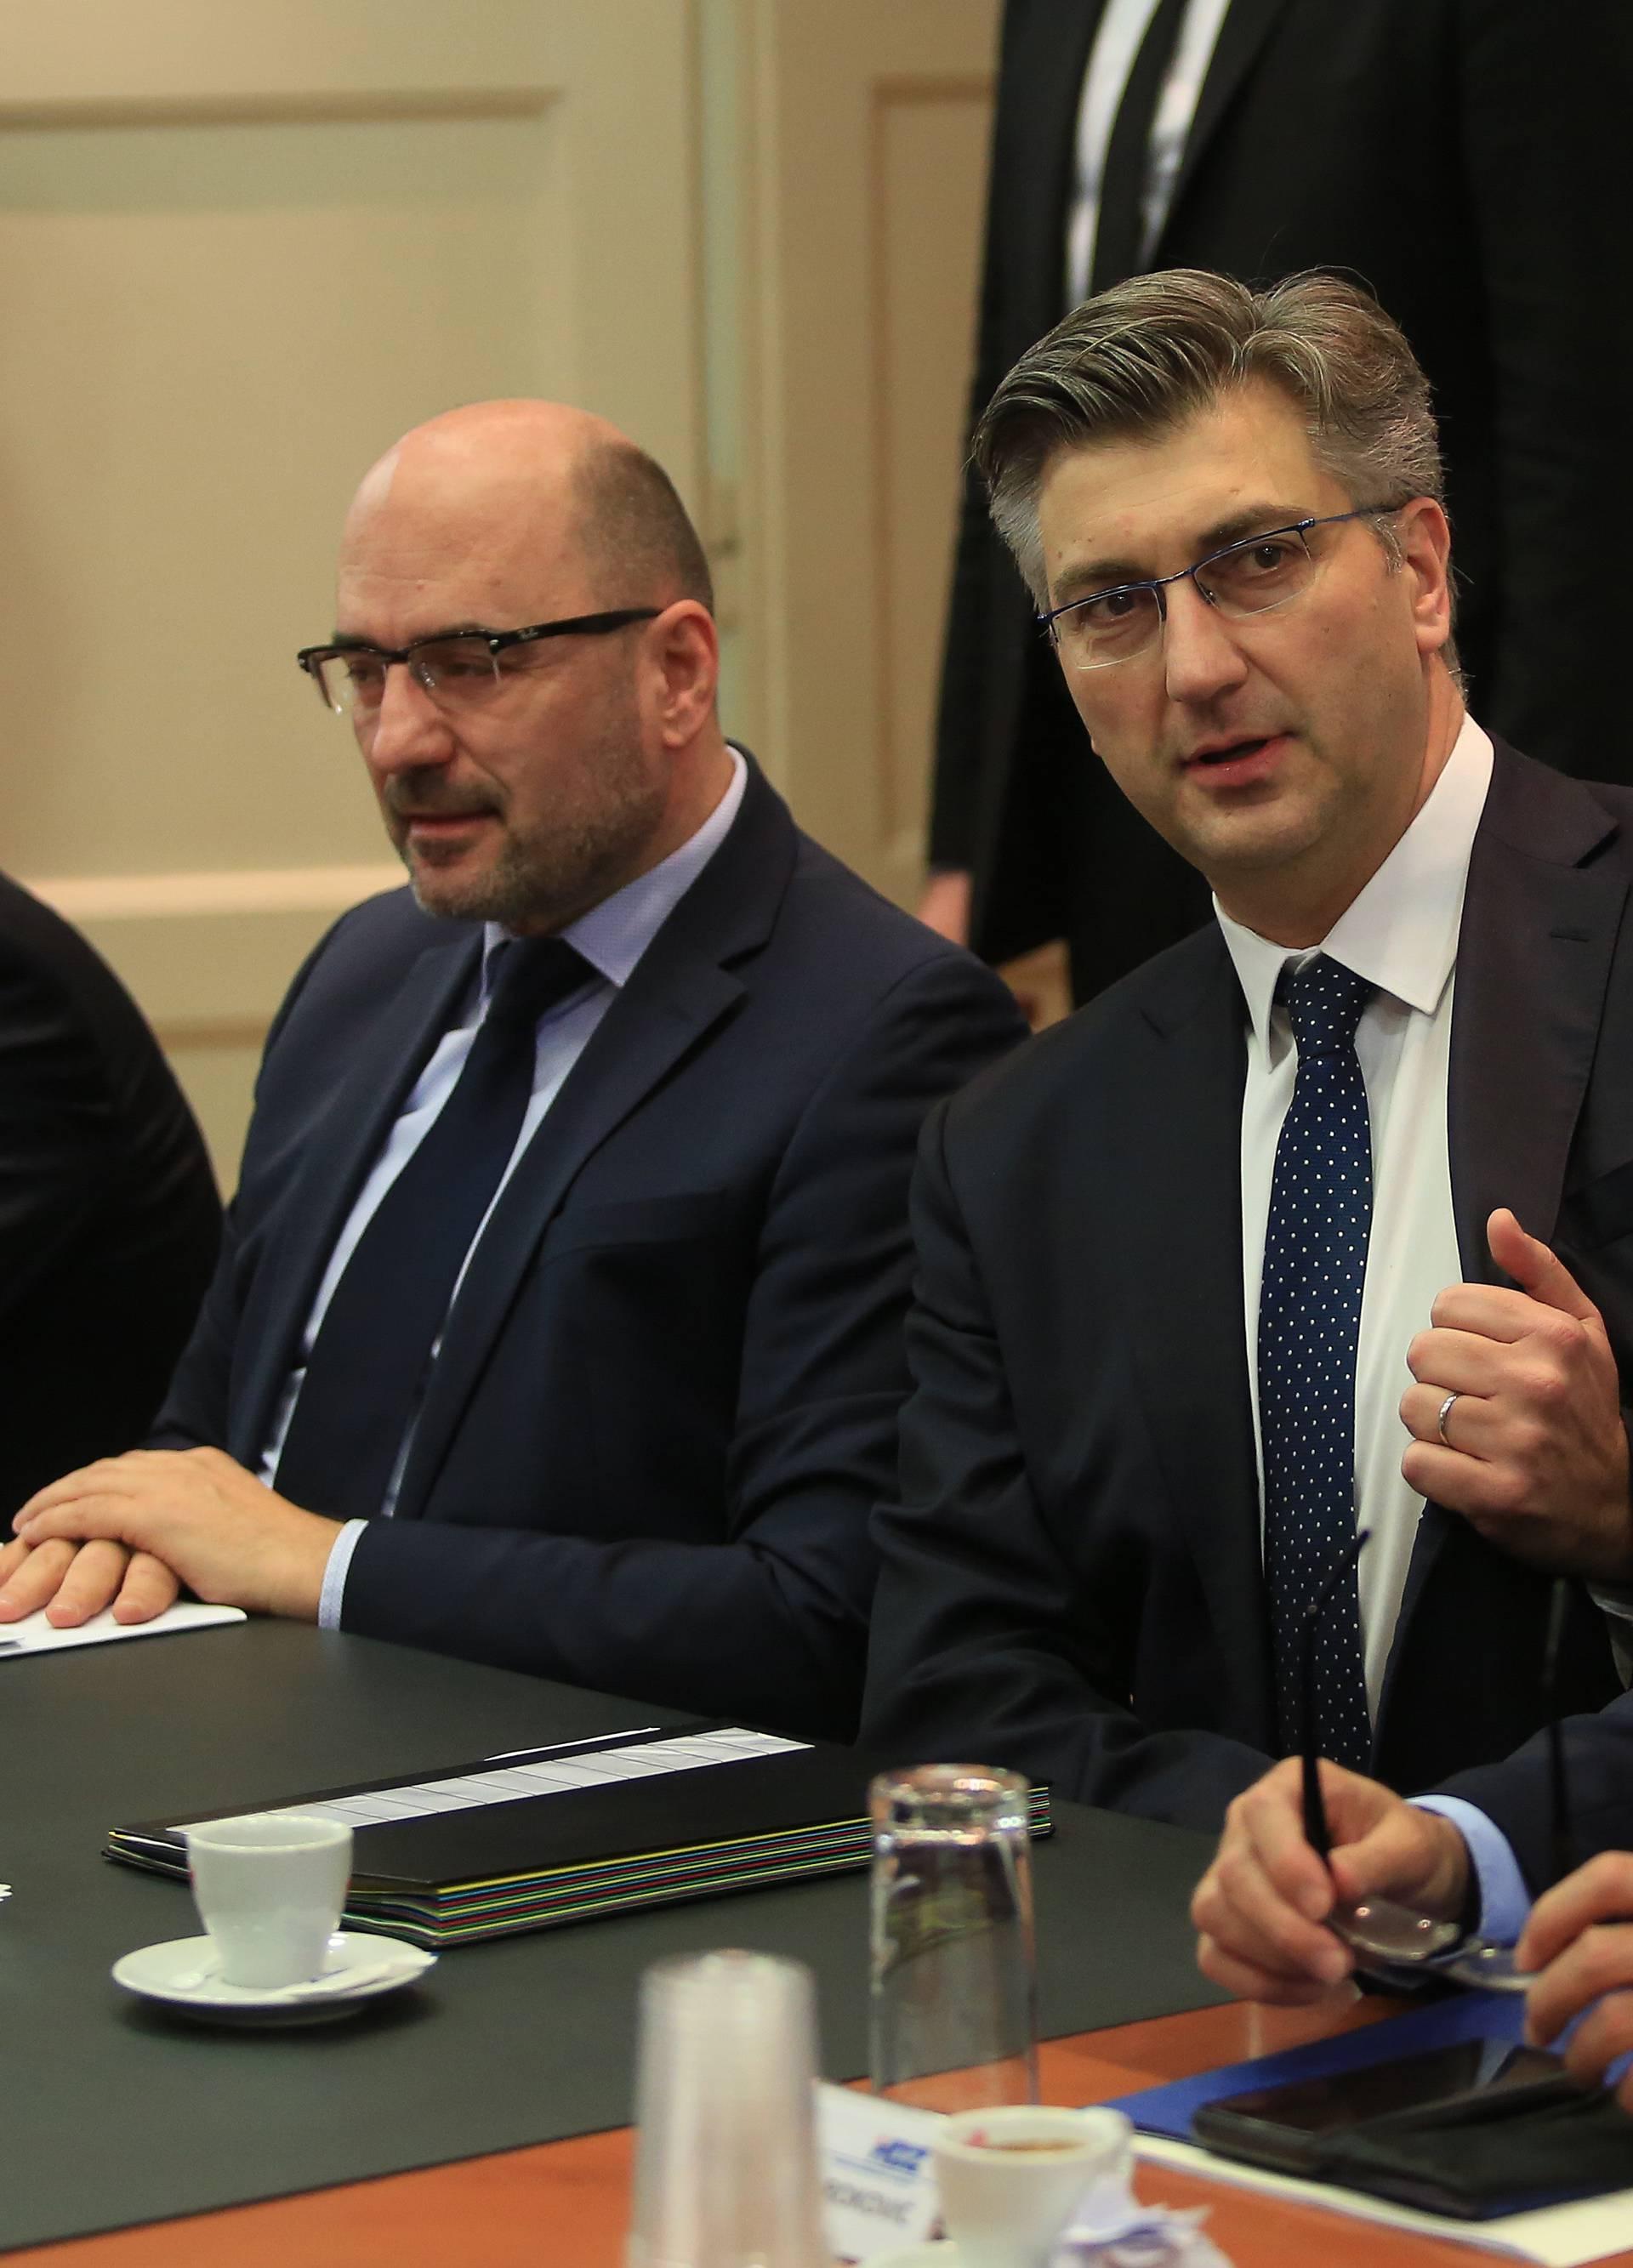 'Nije Penava nadležan da vodi politiku HDZ-a, već njegov vrh'